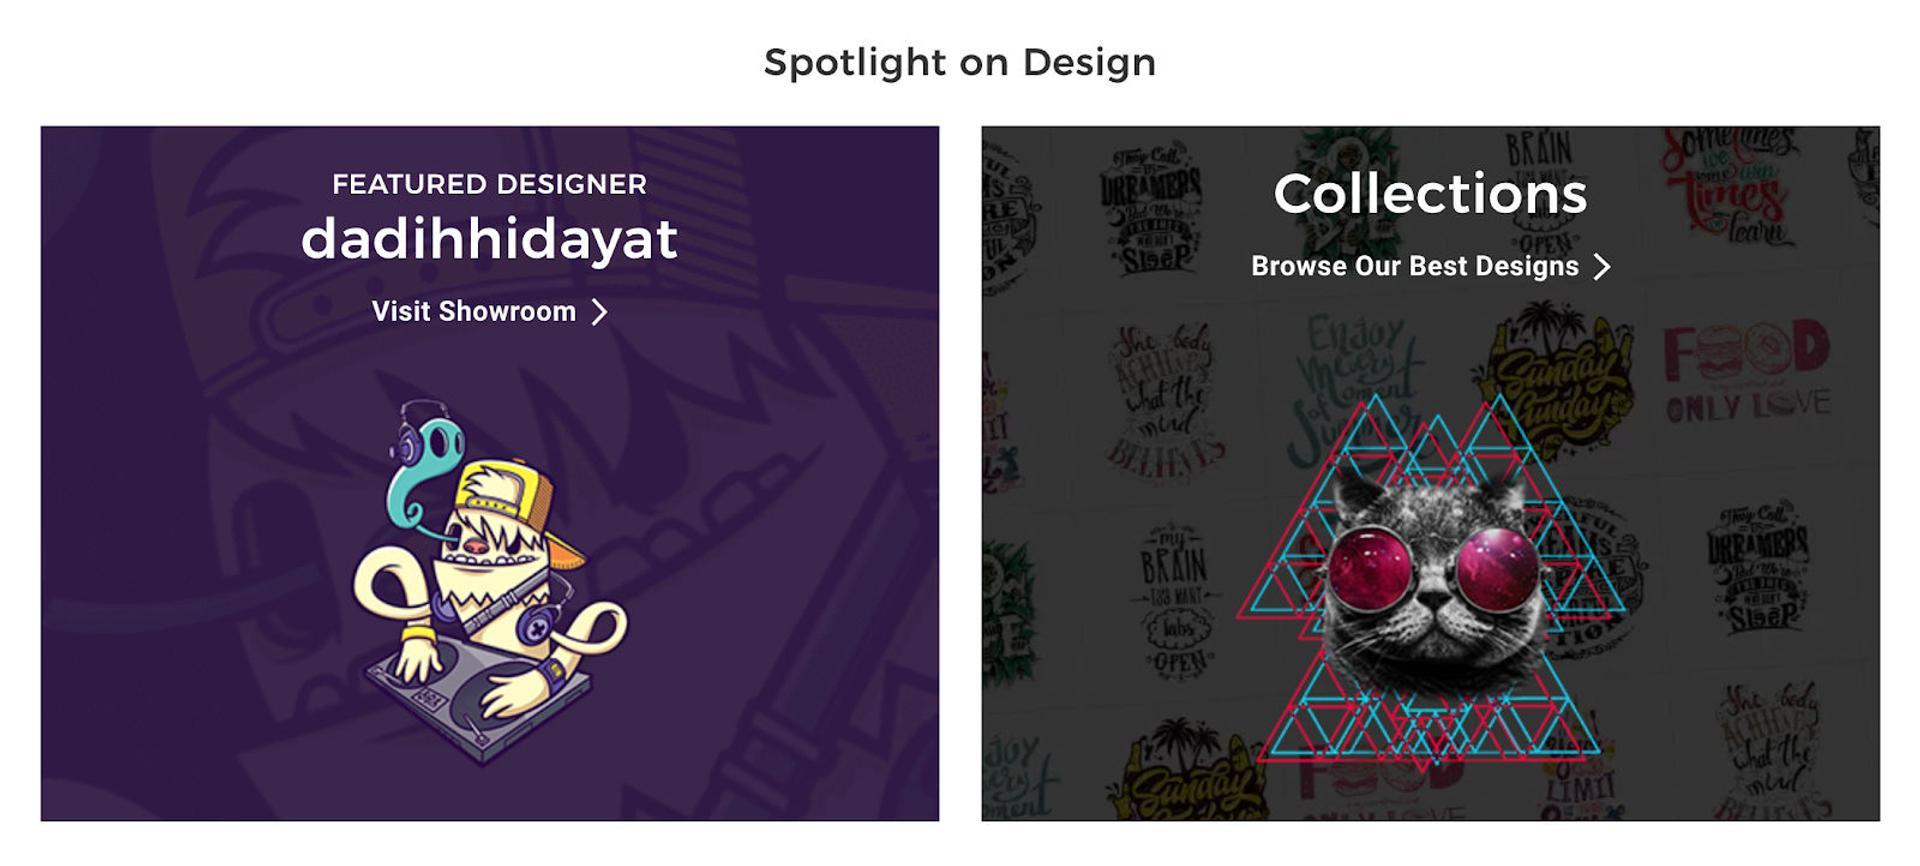 Spreadshirt featured designs